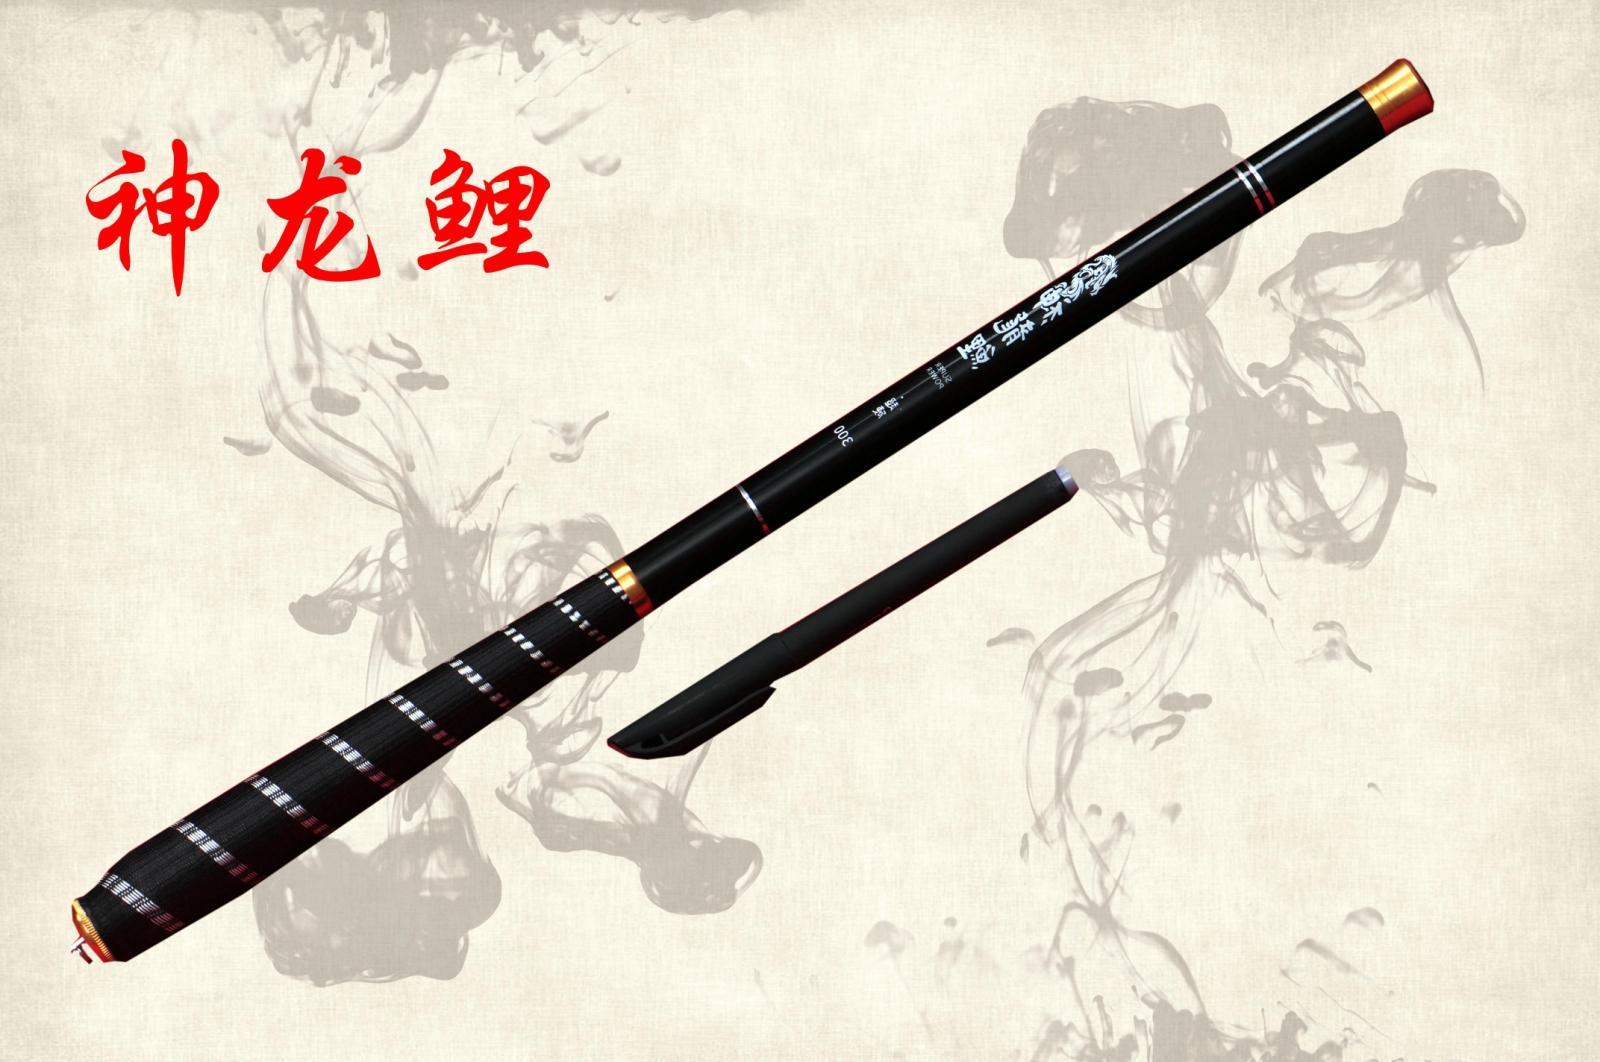 特价鱼竿碳素超短节超轻超硬19钓强力溪流手竿1米83米6渔具套装